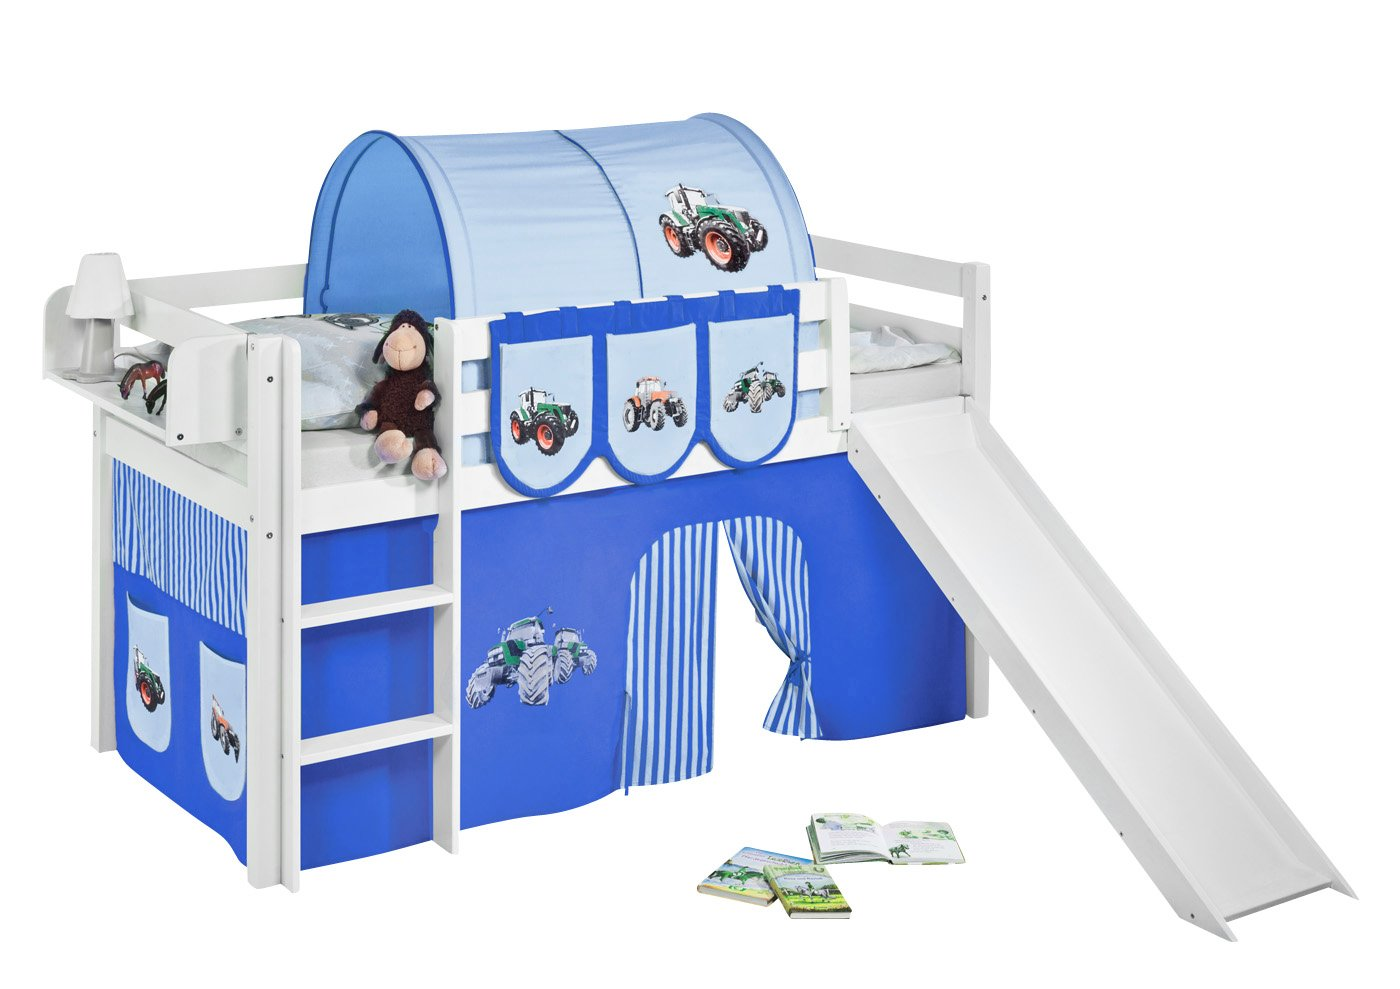 Lilokids Spielbett JELLE mit Rutsche und Vorhang Kinderbett, Holz, weiß, weiß, weiß, 208 x 98 x 113 cm a3770e